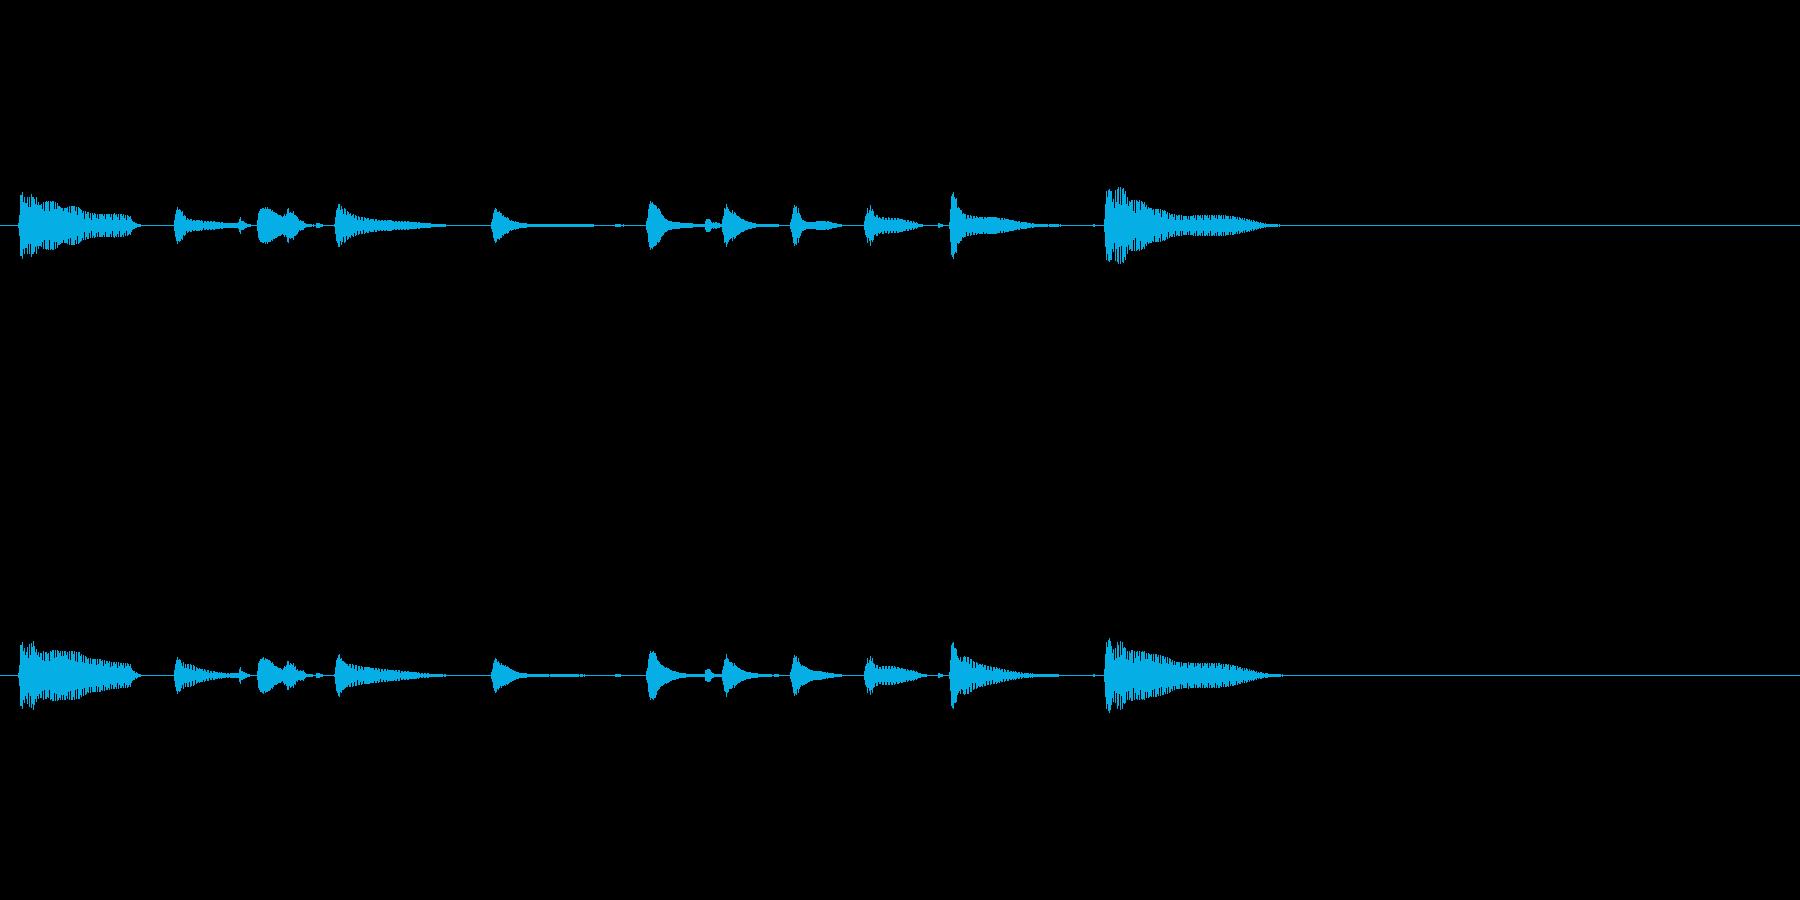 短い三味線のフレーズの再生済みの波形